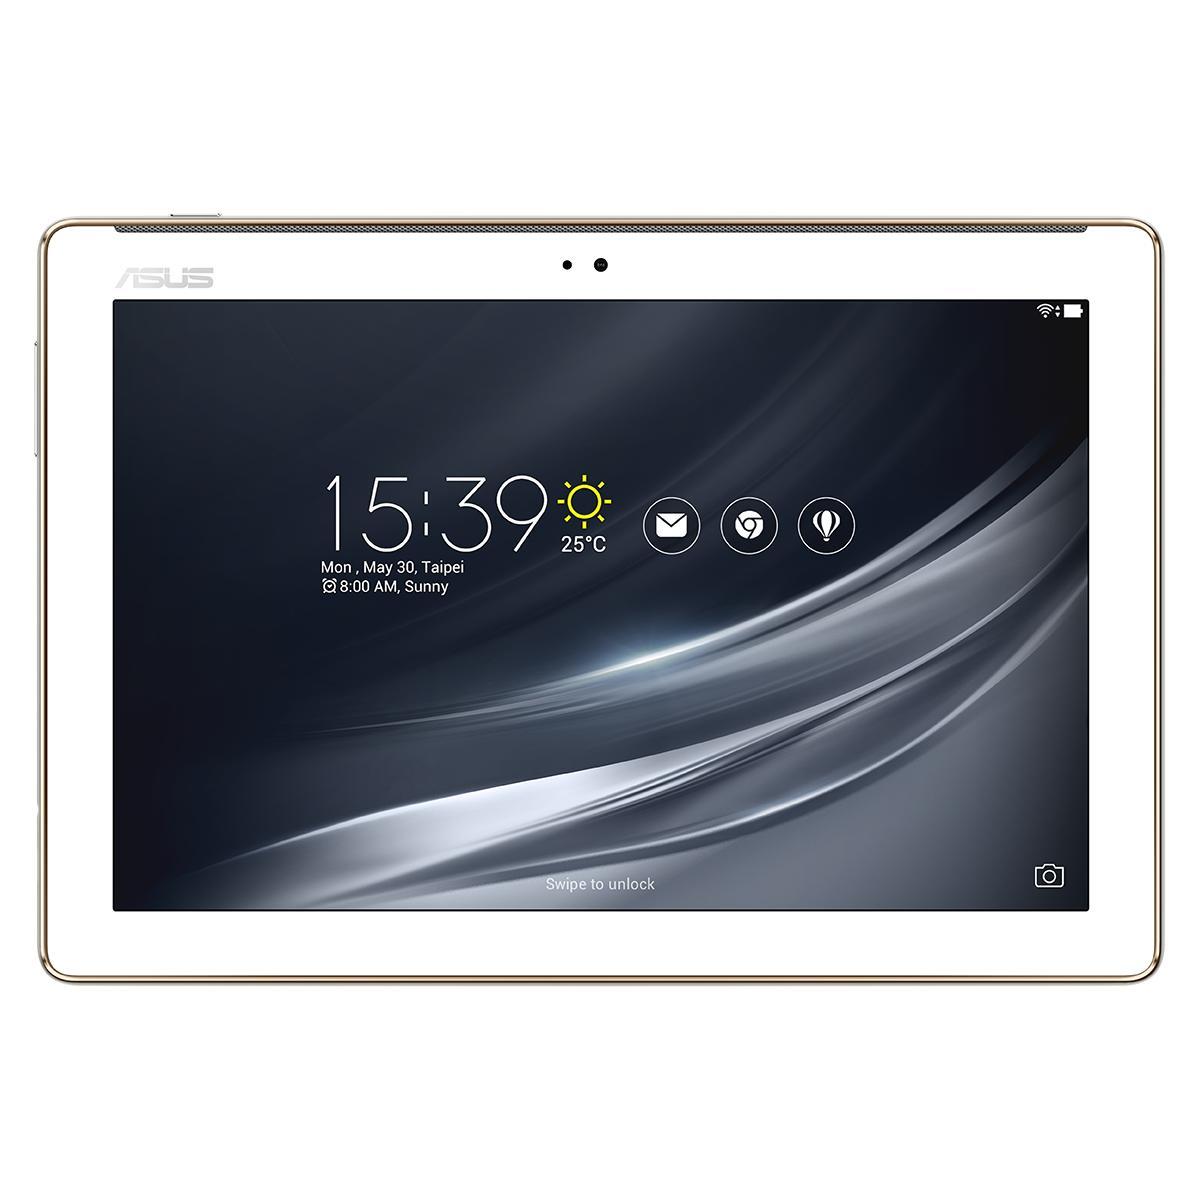 ASUS ZenPad Z301M-1B016A 16GB White tablet